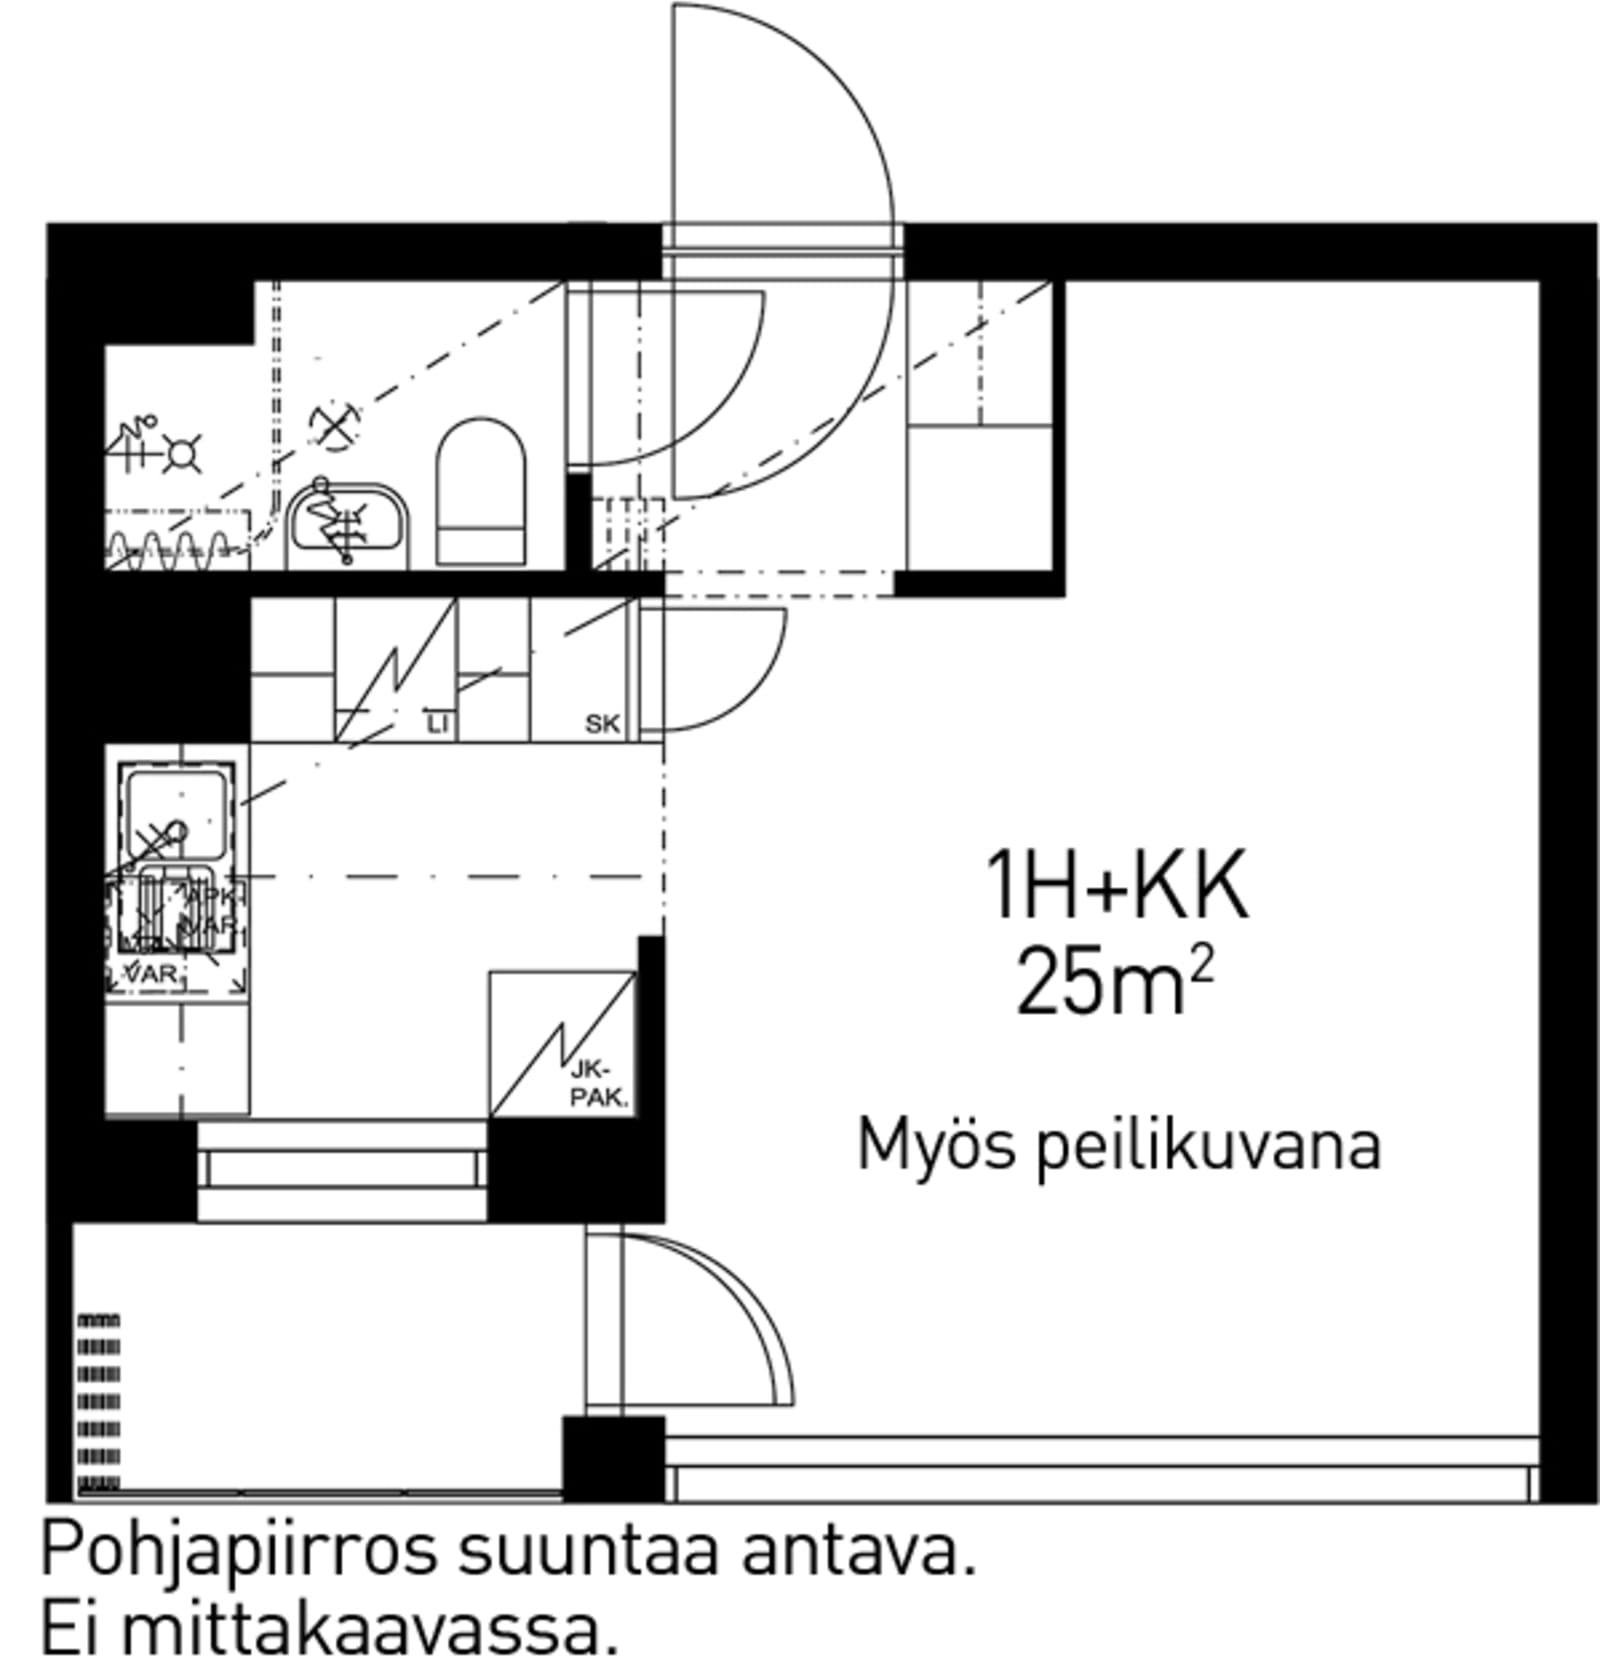 Helsinki, Etelä-Haaga, Vanha viertotie 8 B 017